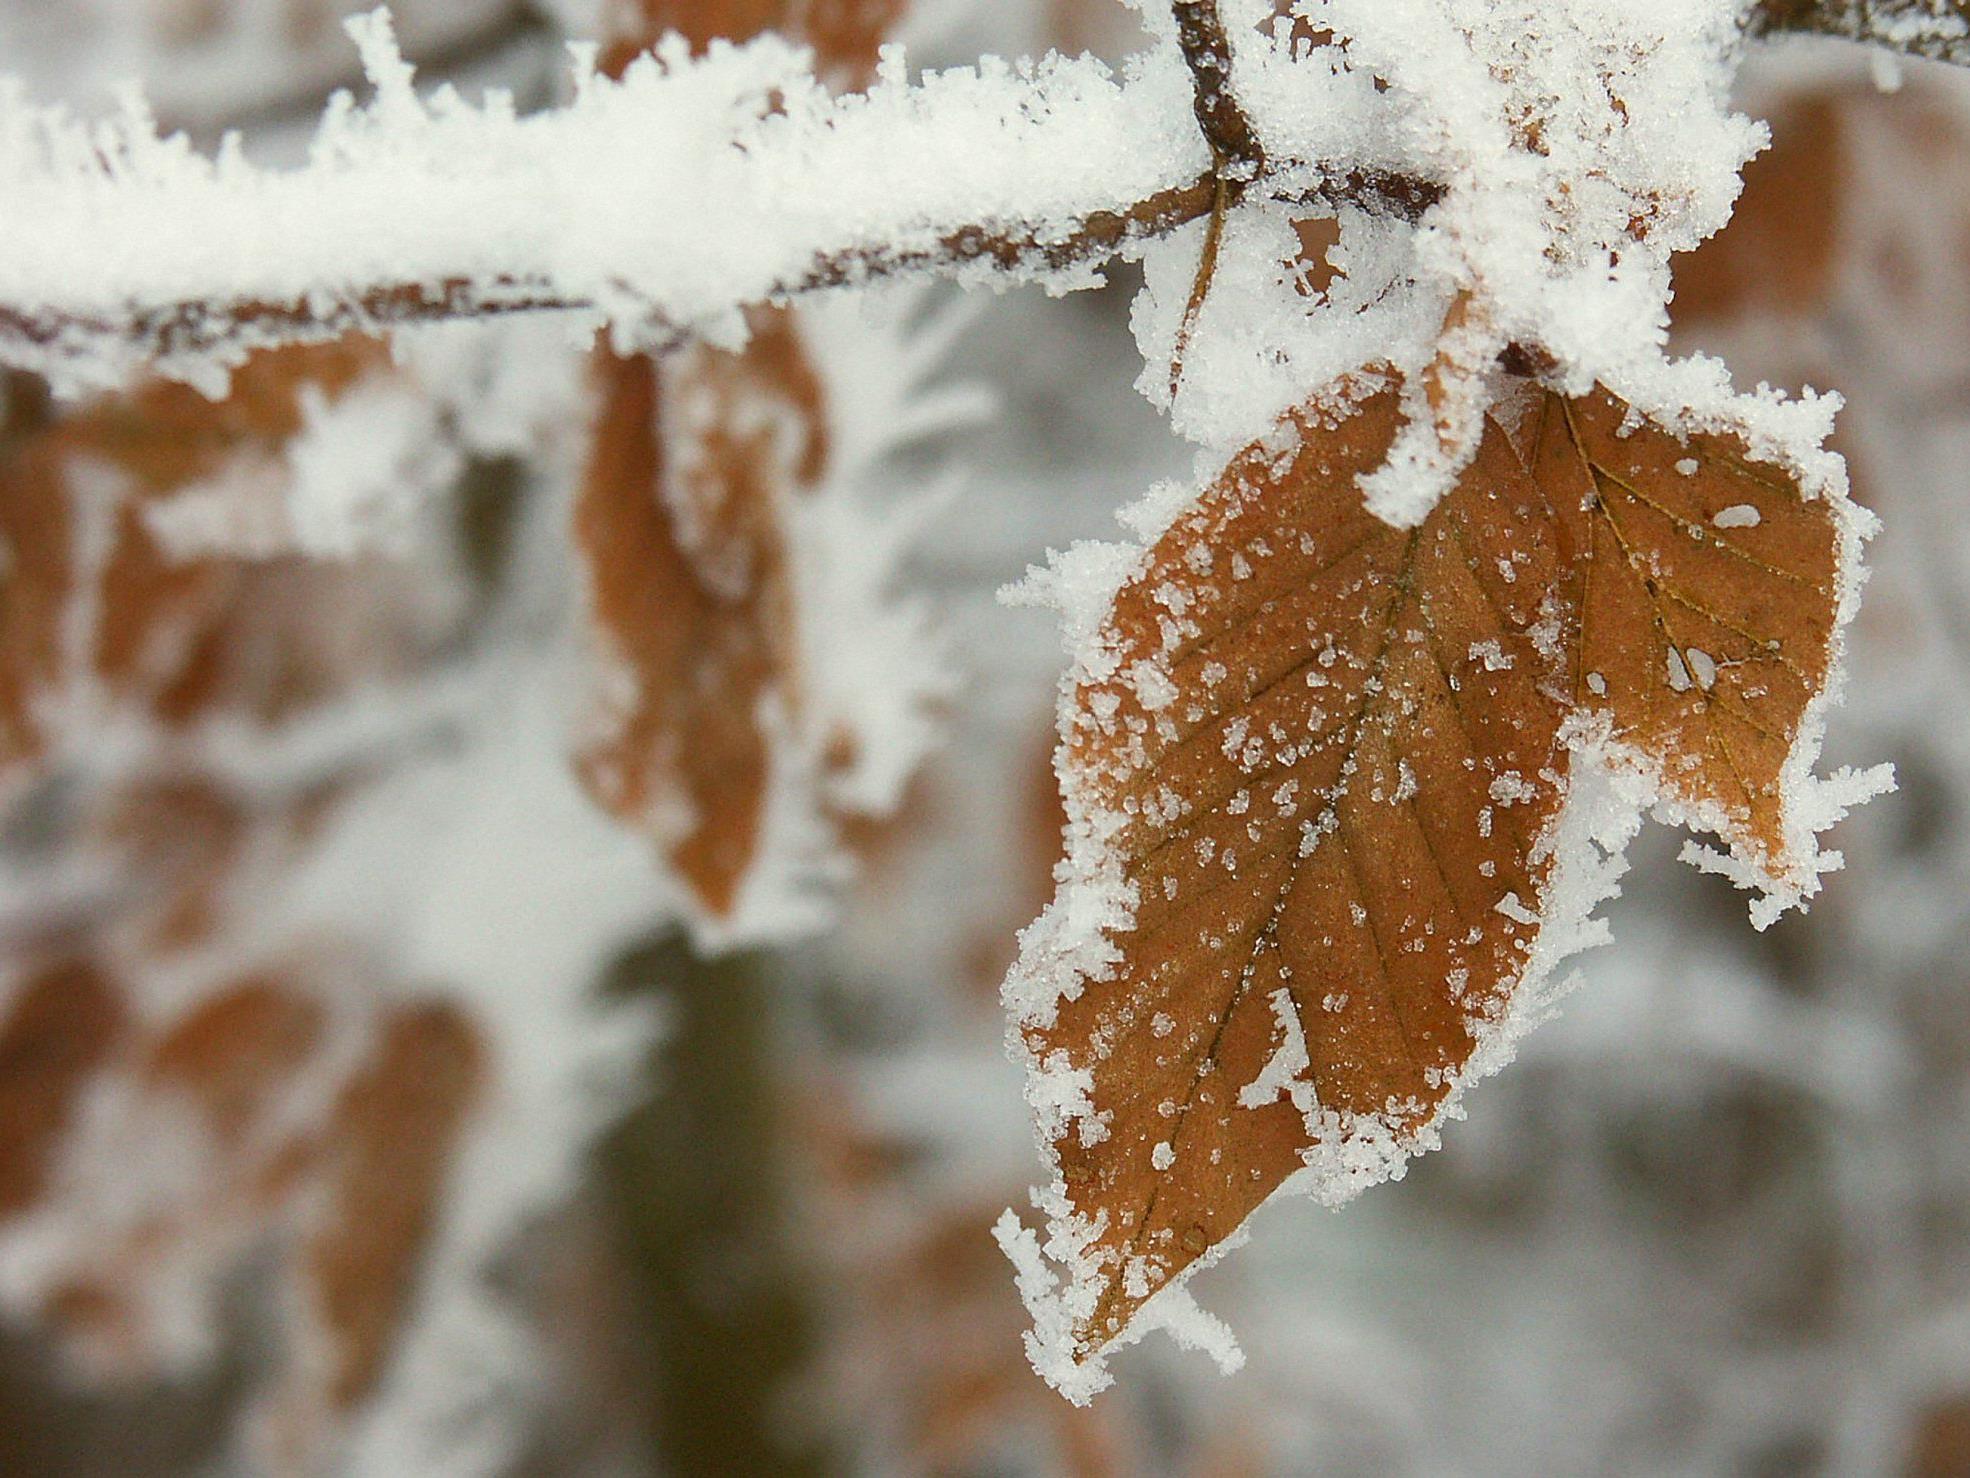 Bei den frostigen Temperaturen fällt es schwer sich warm zu halten.